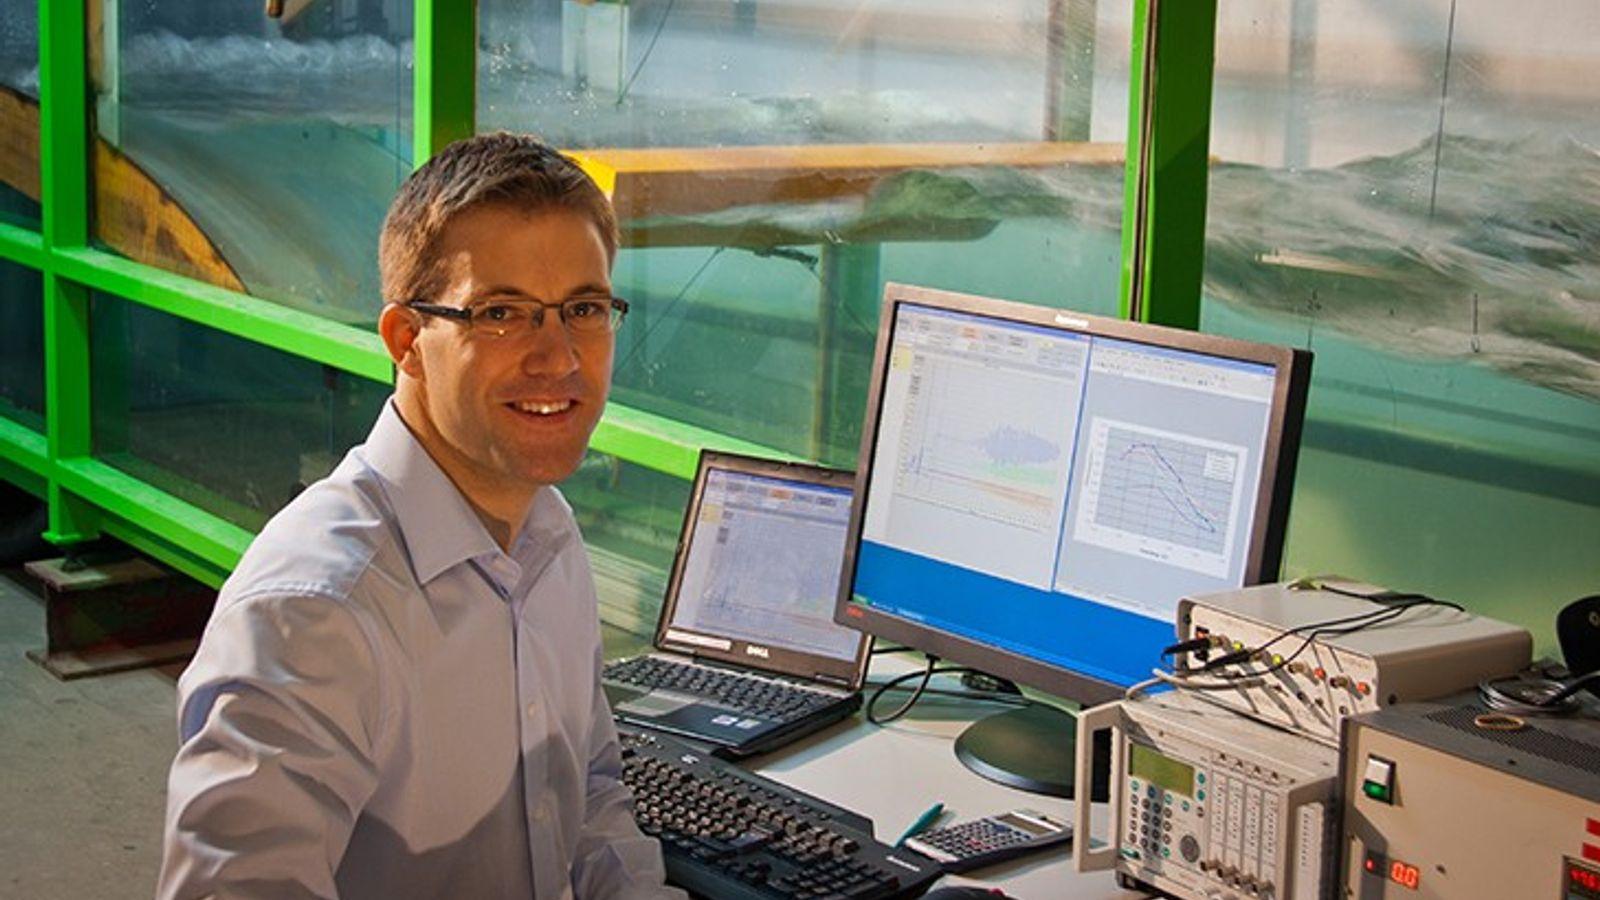 Der Ingenieur Jan Peckolt will eine effiziente Wellenenergieanlage bauen. In zweieinhalb Jahren, so kalkuliert er, könnte ...